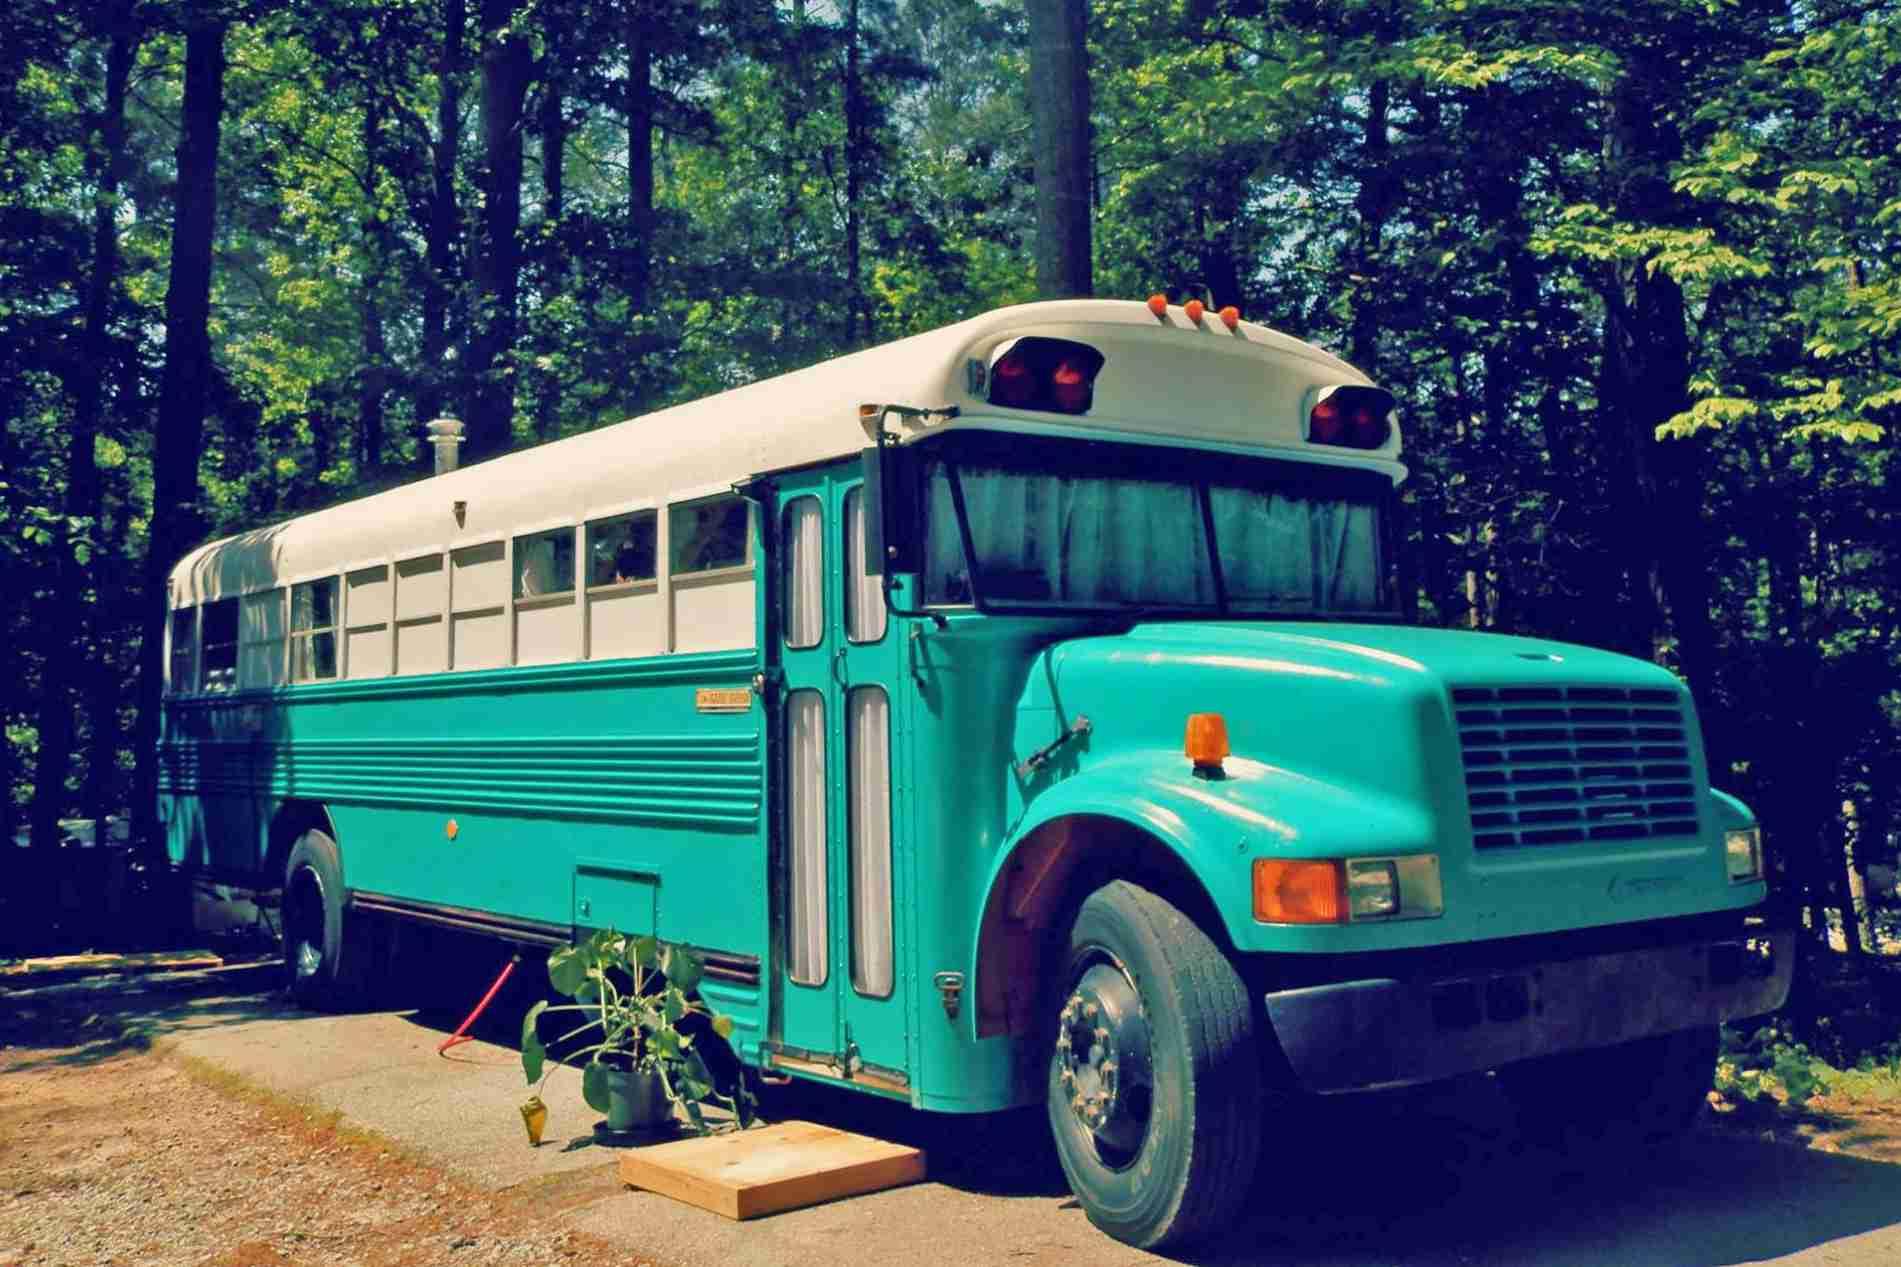 Teal house bus